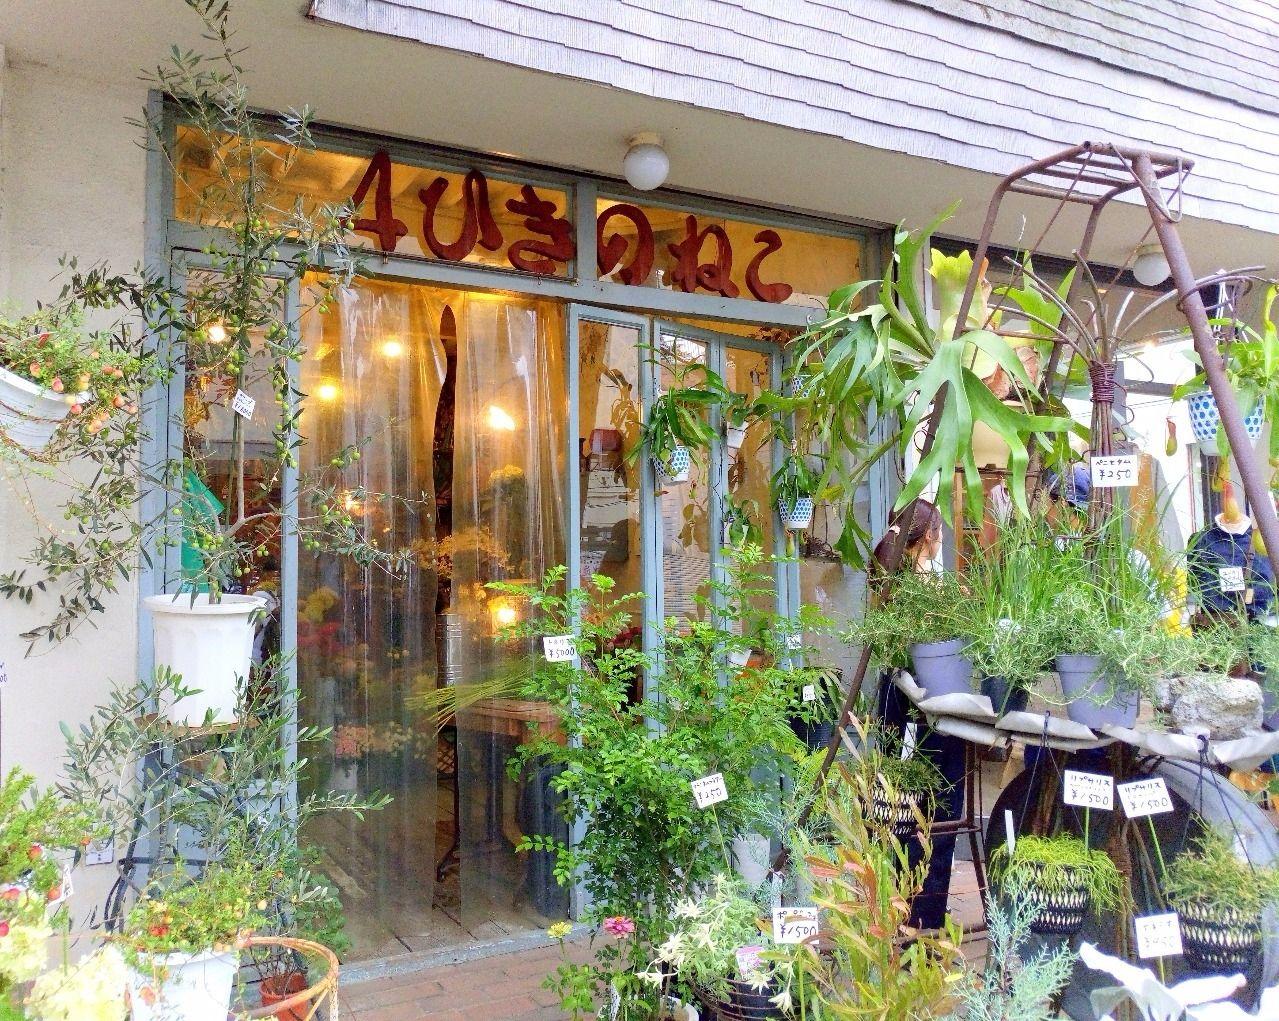 大正通りにある個性的な花屋さん 4ひきのねこ